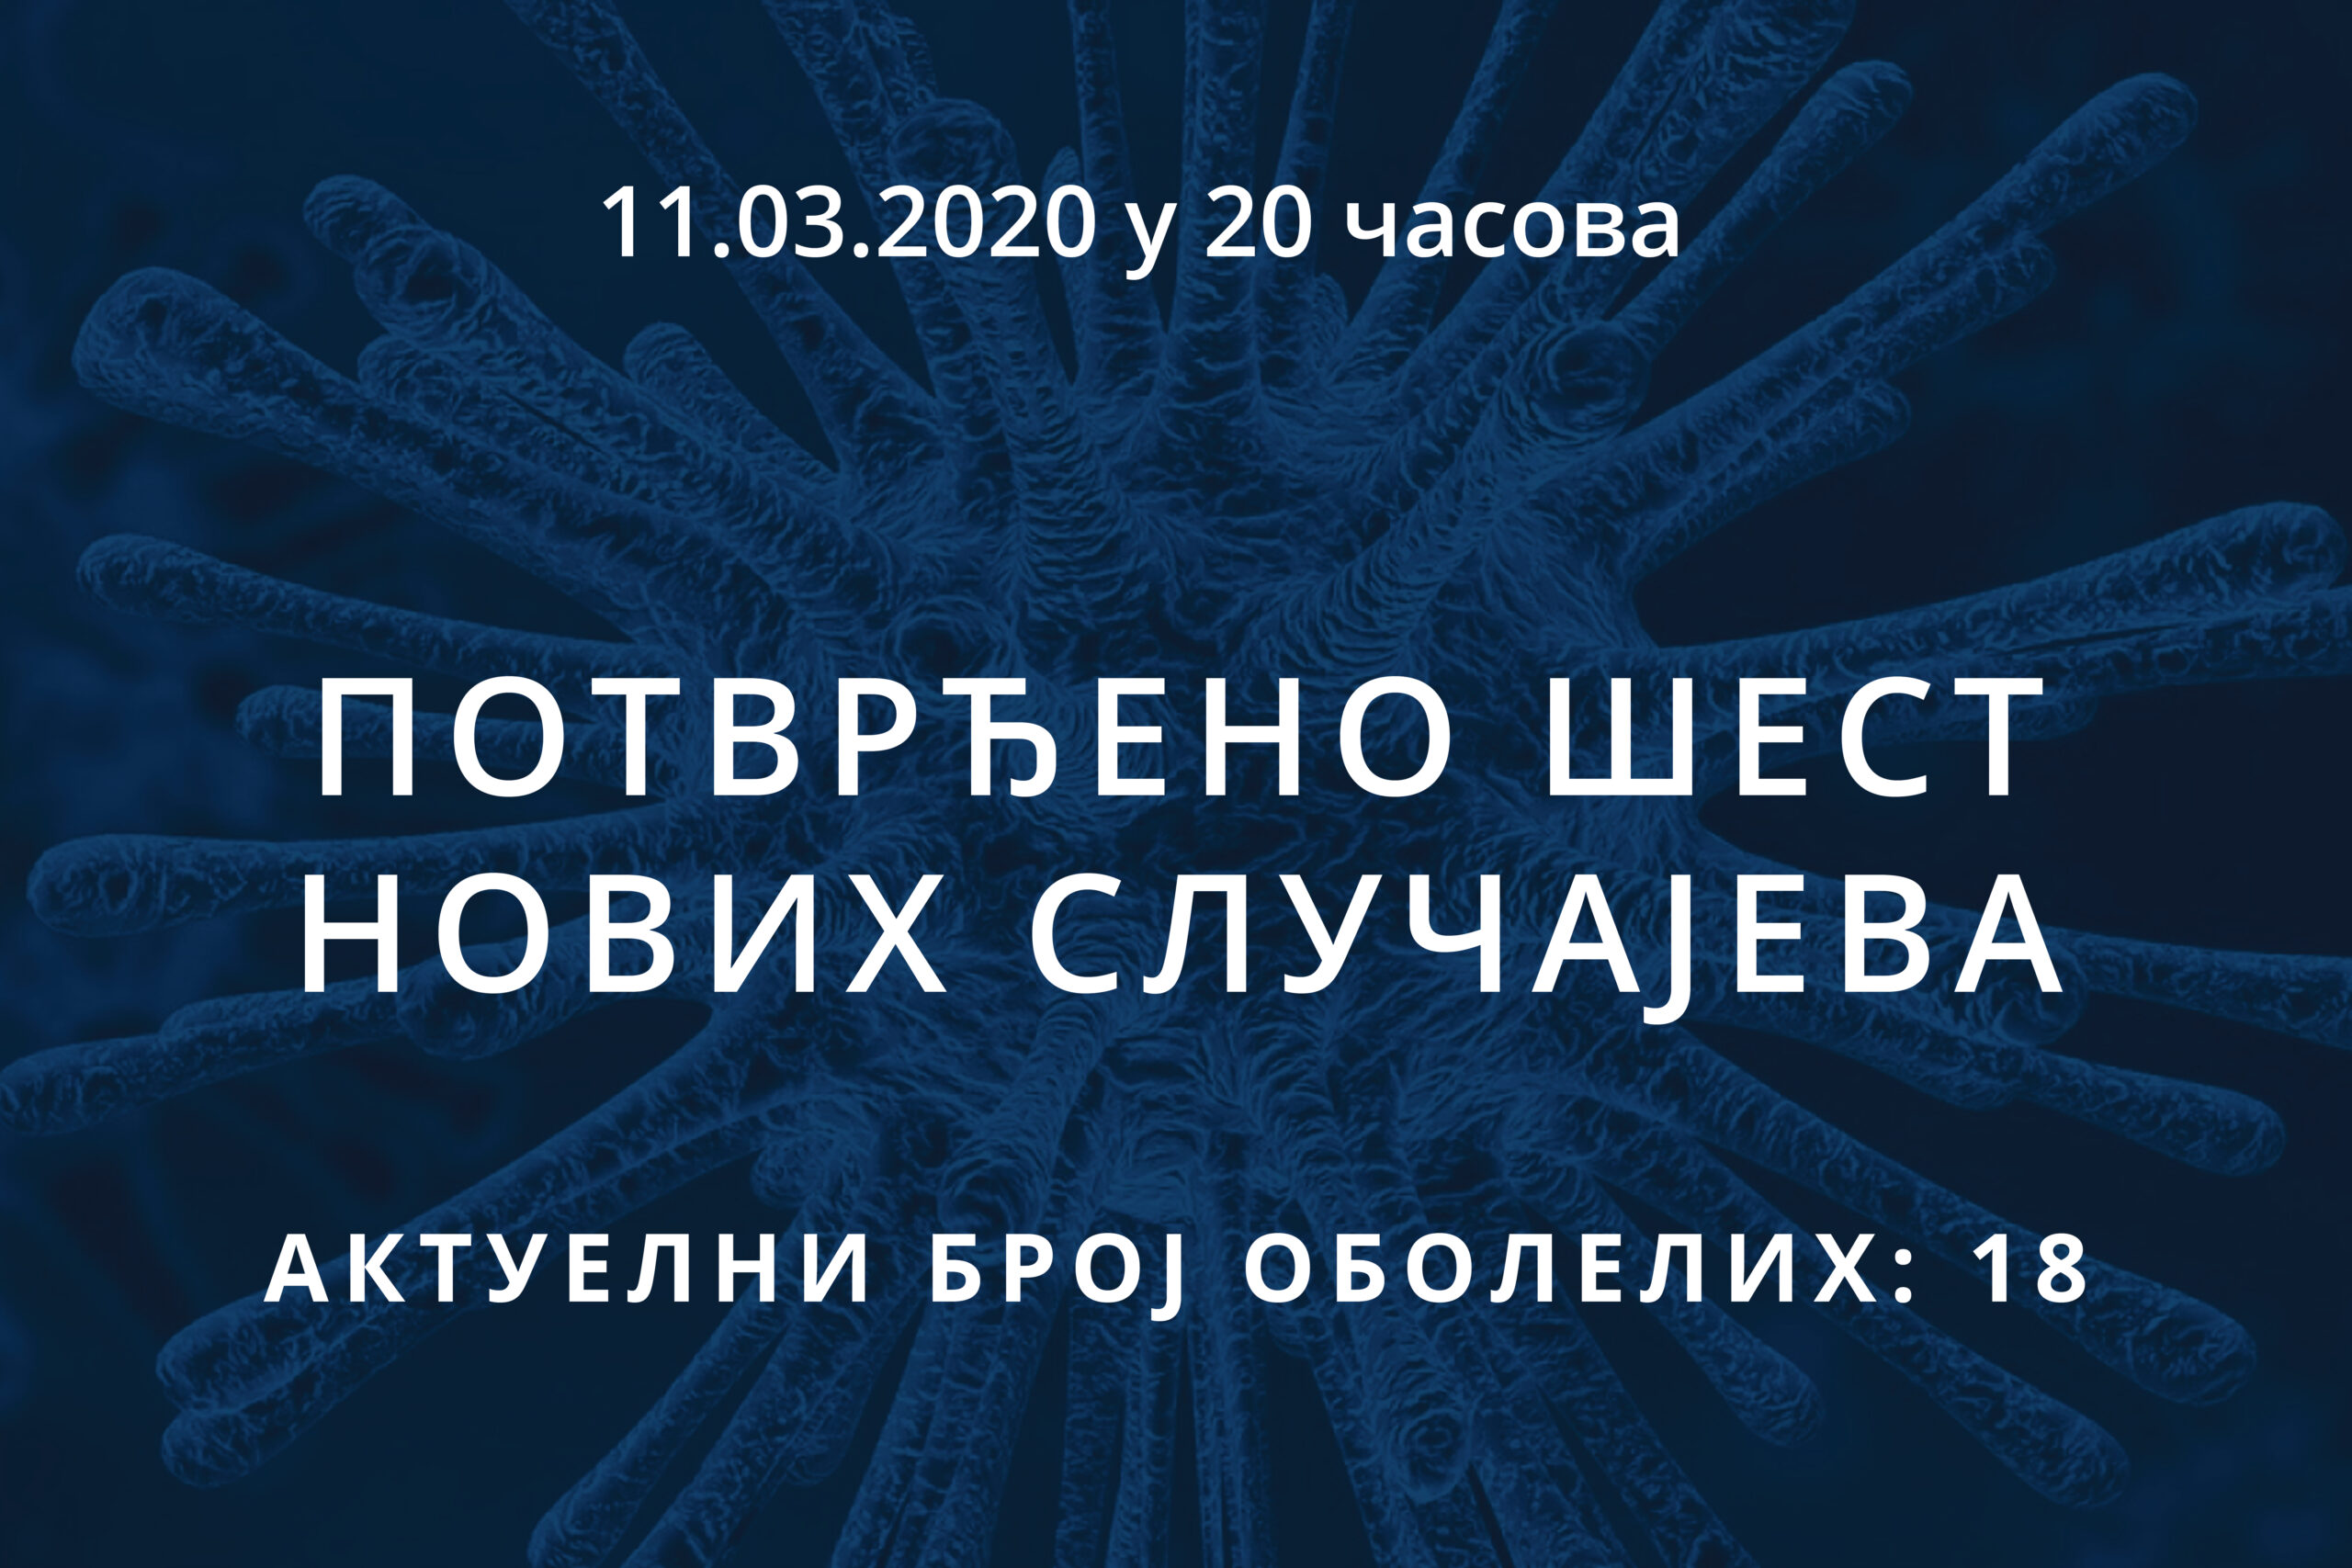 You are currently viewing Информације о корона вирусу COVID-19, 11.03.2020 у 20 часова